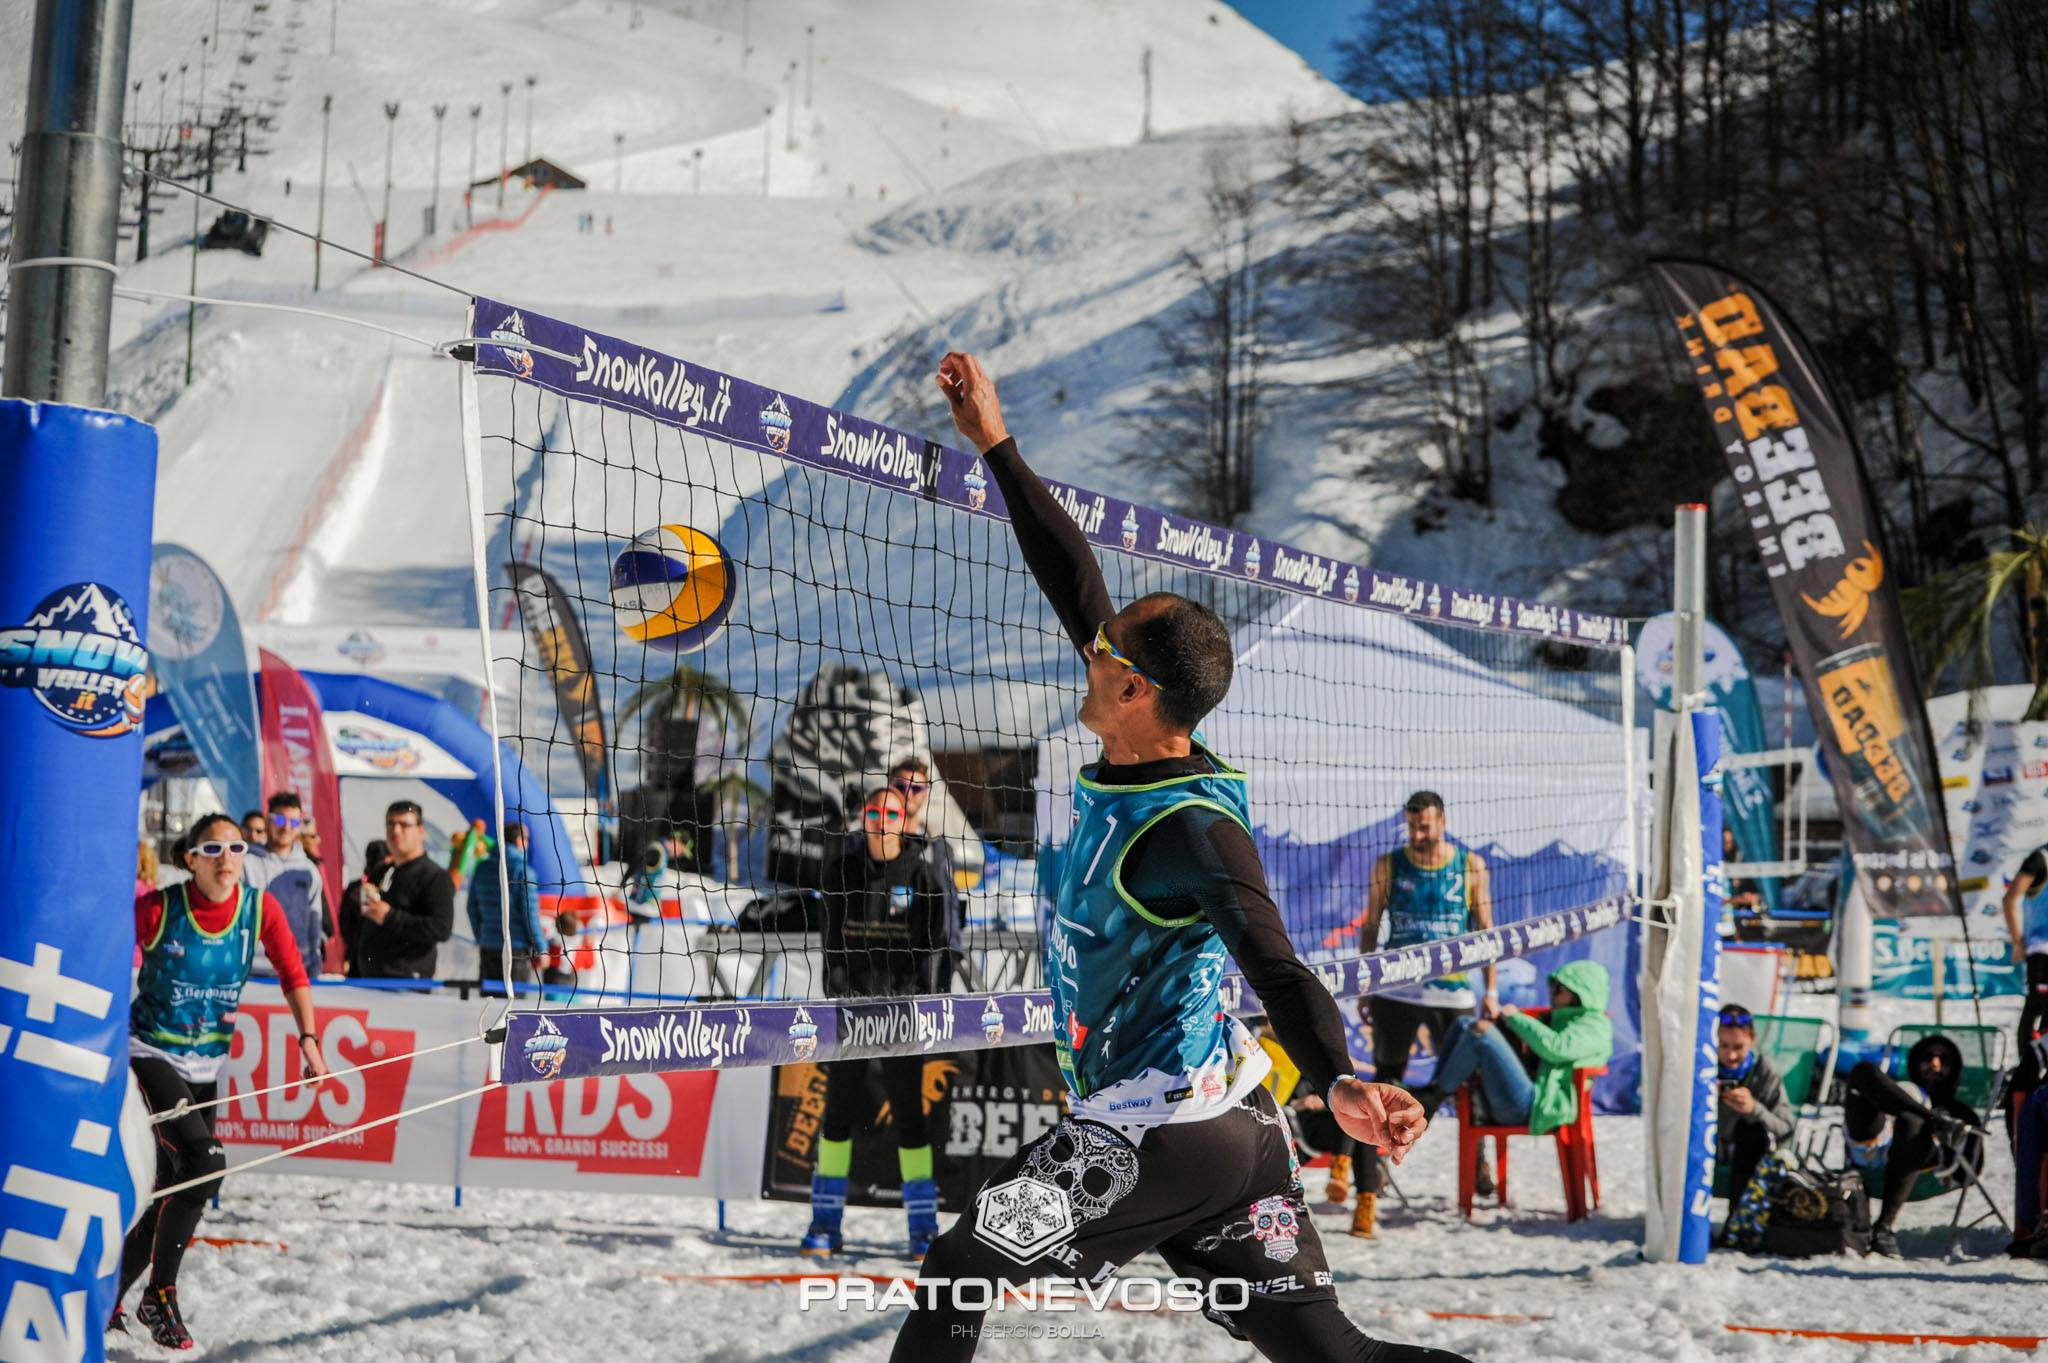 -Snow Volley Tour – La prima tappa in Friuli Venezia Giulia il 9 e 10 marzo sullo Zoncolan